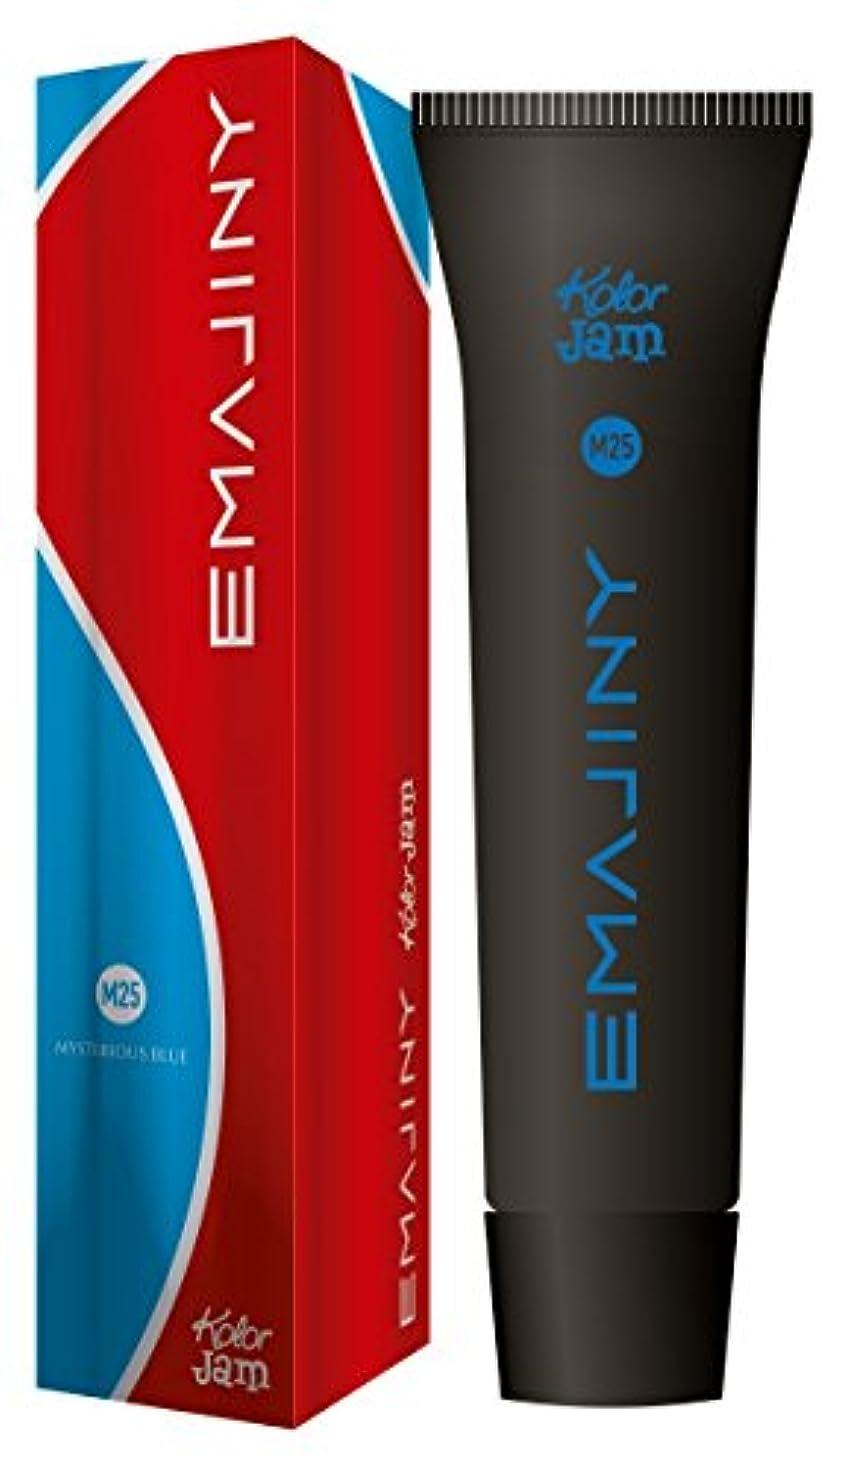 サンダートレイル宣伝EMAJINY エマジニー カラージャム 75g Blue ブルー M25